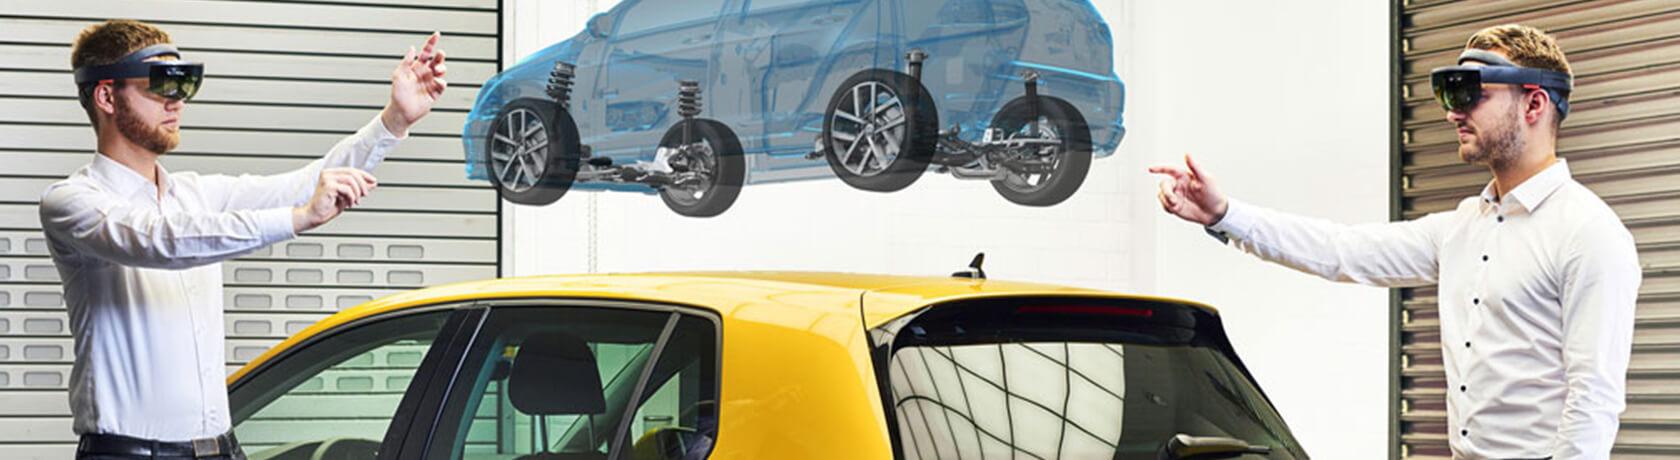 Come progettare le auto del futuro... virtualmente!